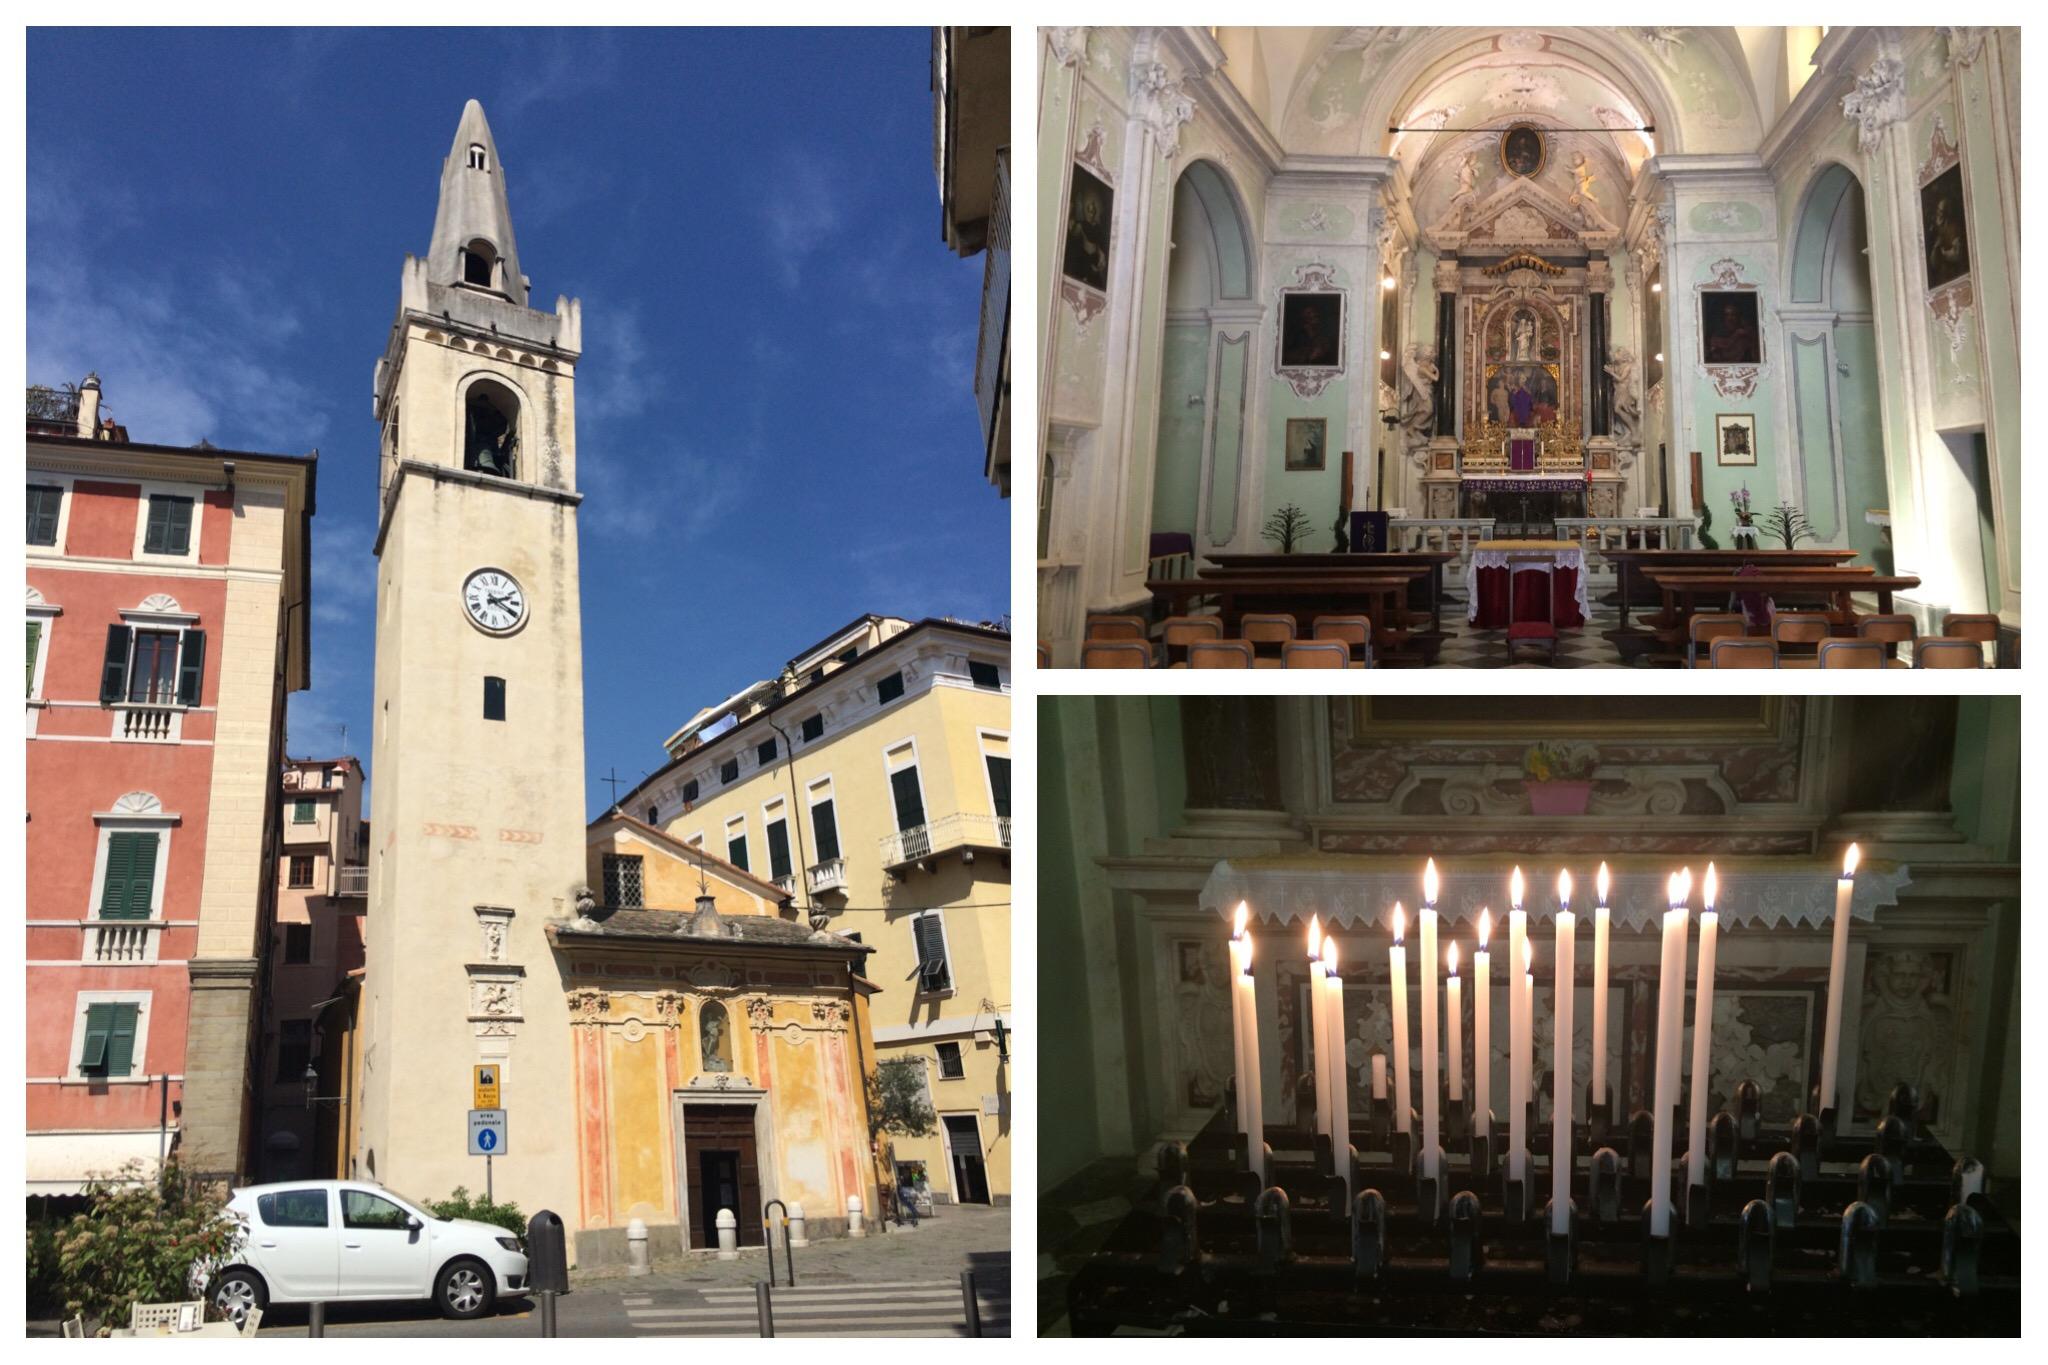 Liguria - Lerici San Rocco chapel